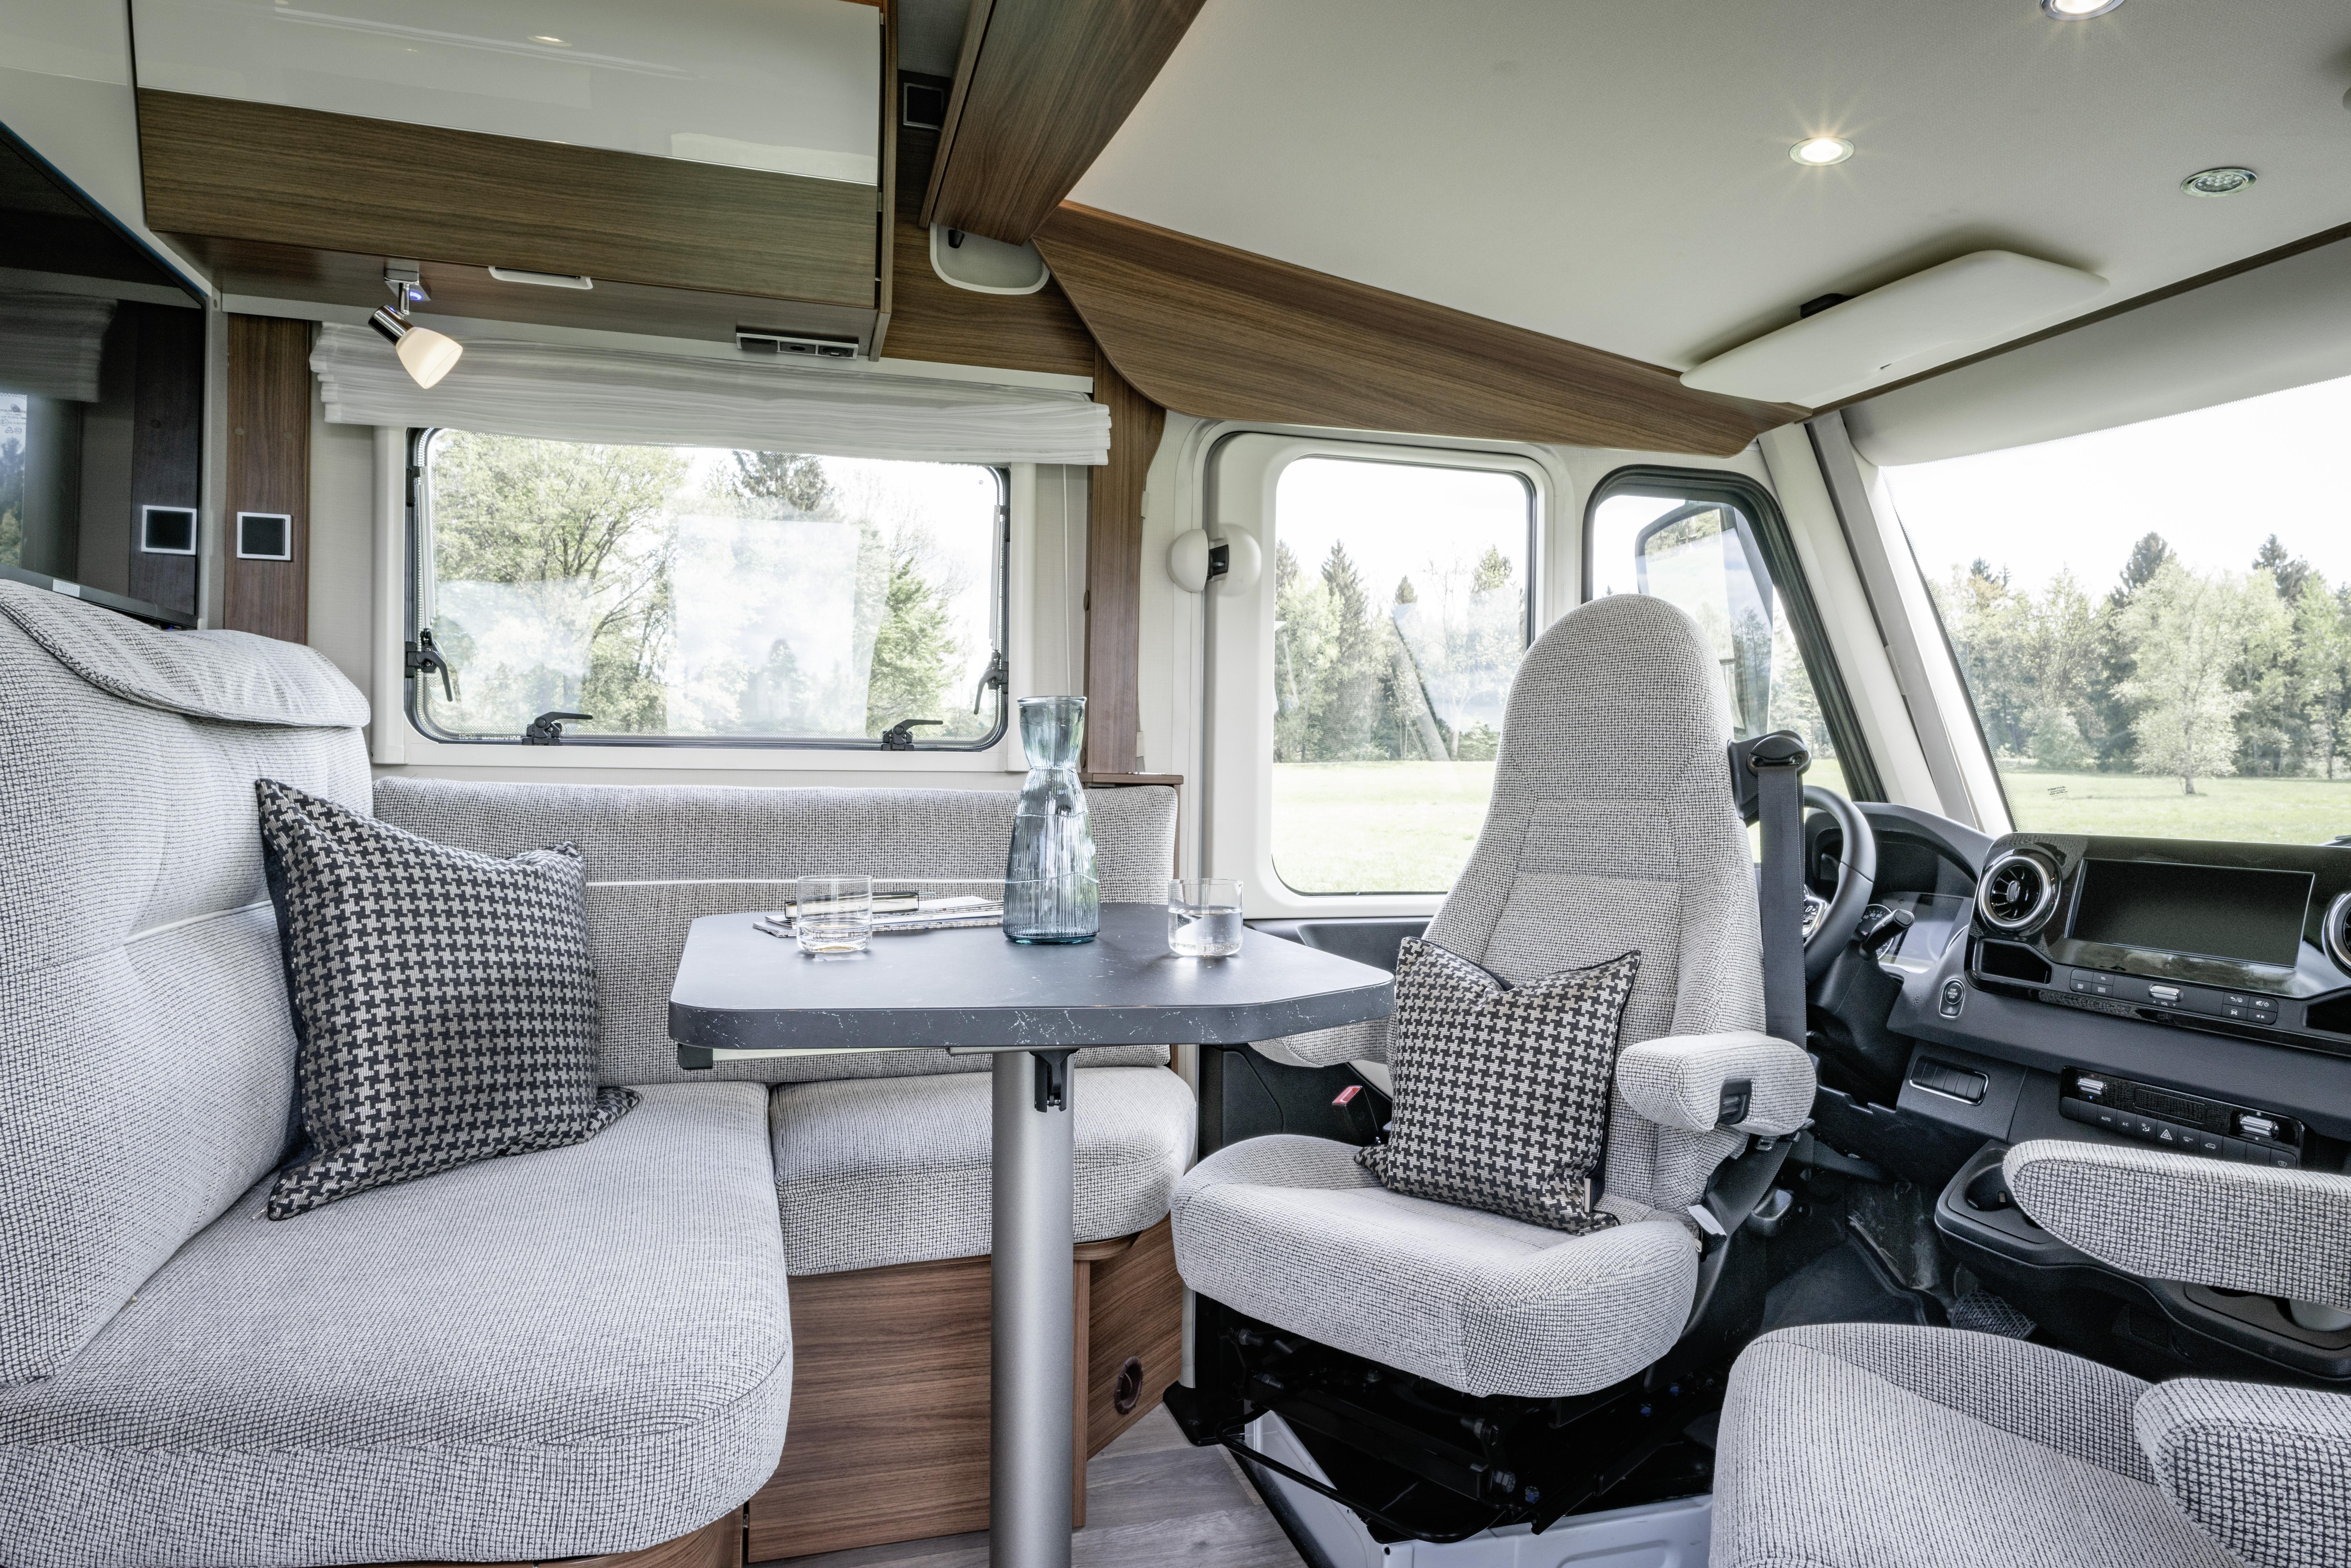 Hymer-Reisemobil jetzt auf Sprinter-Basis mit Frontantrieb – Die ...